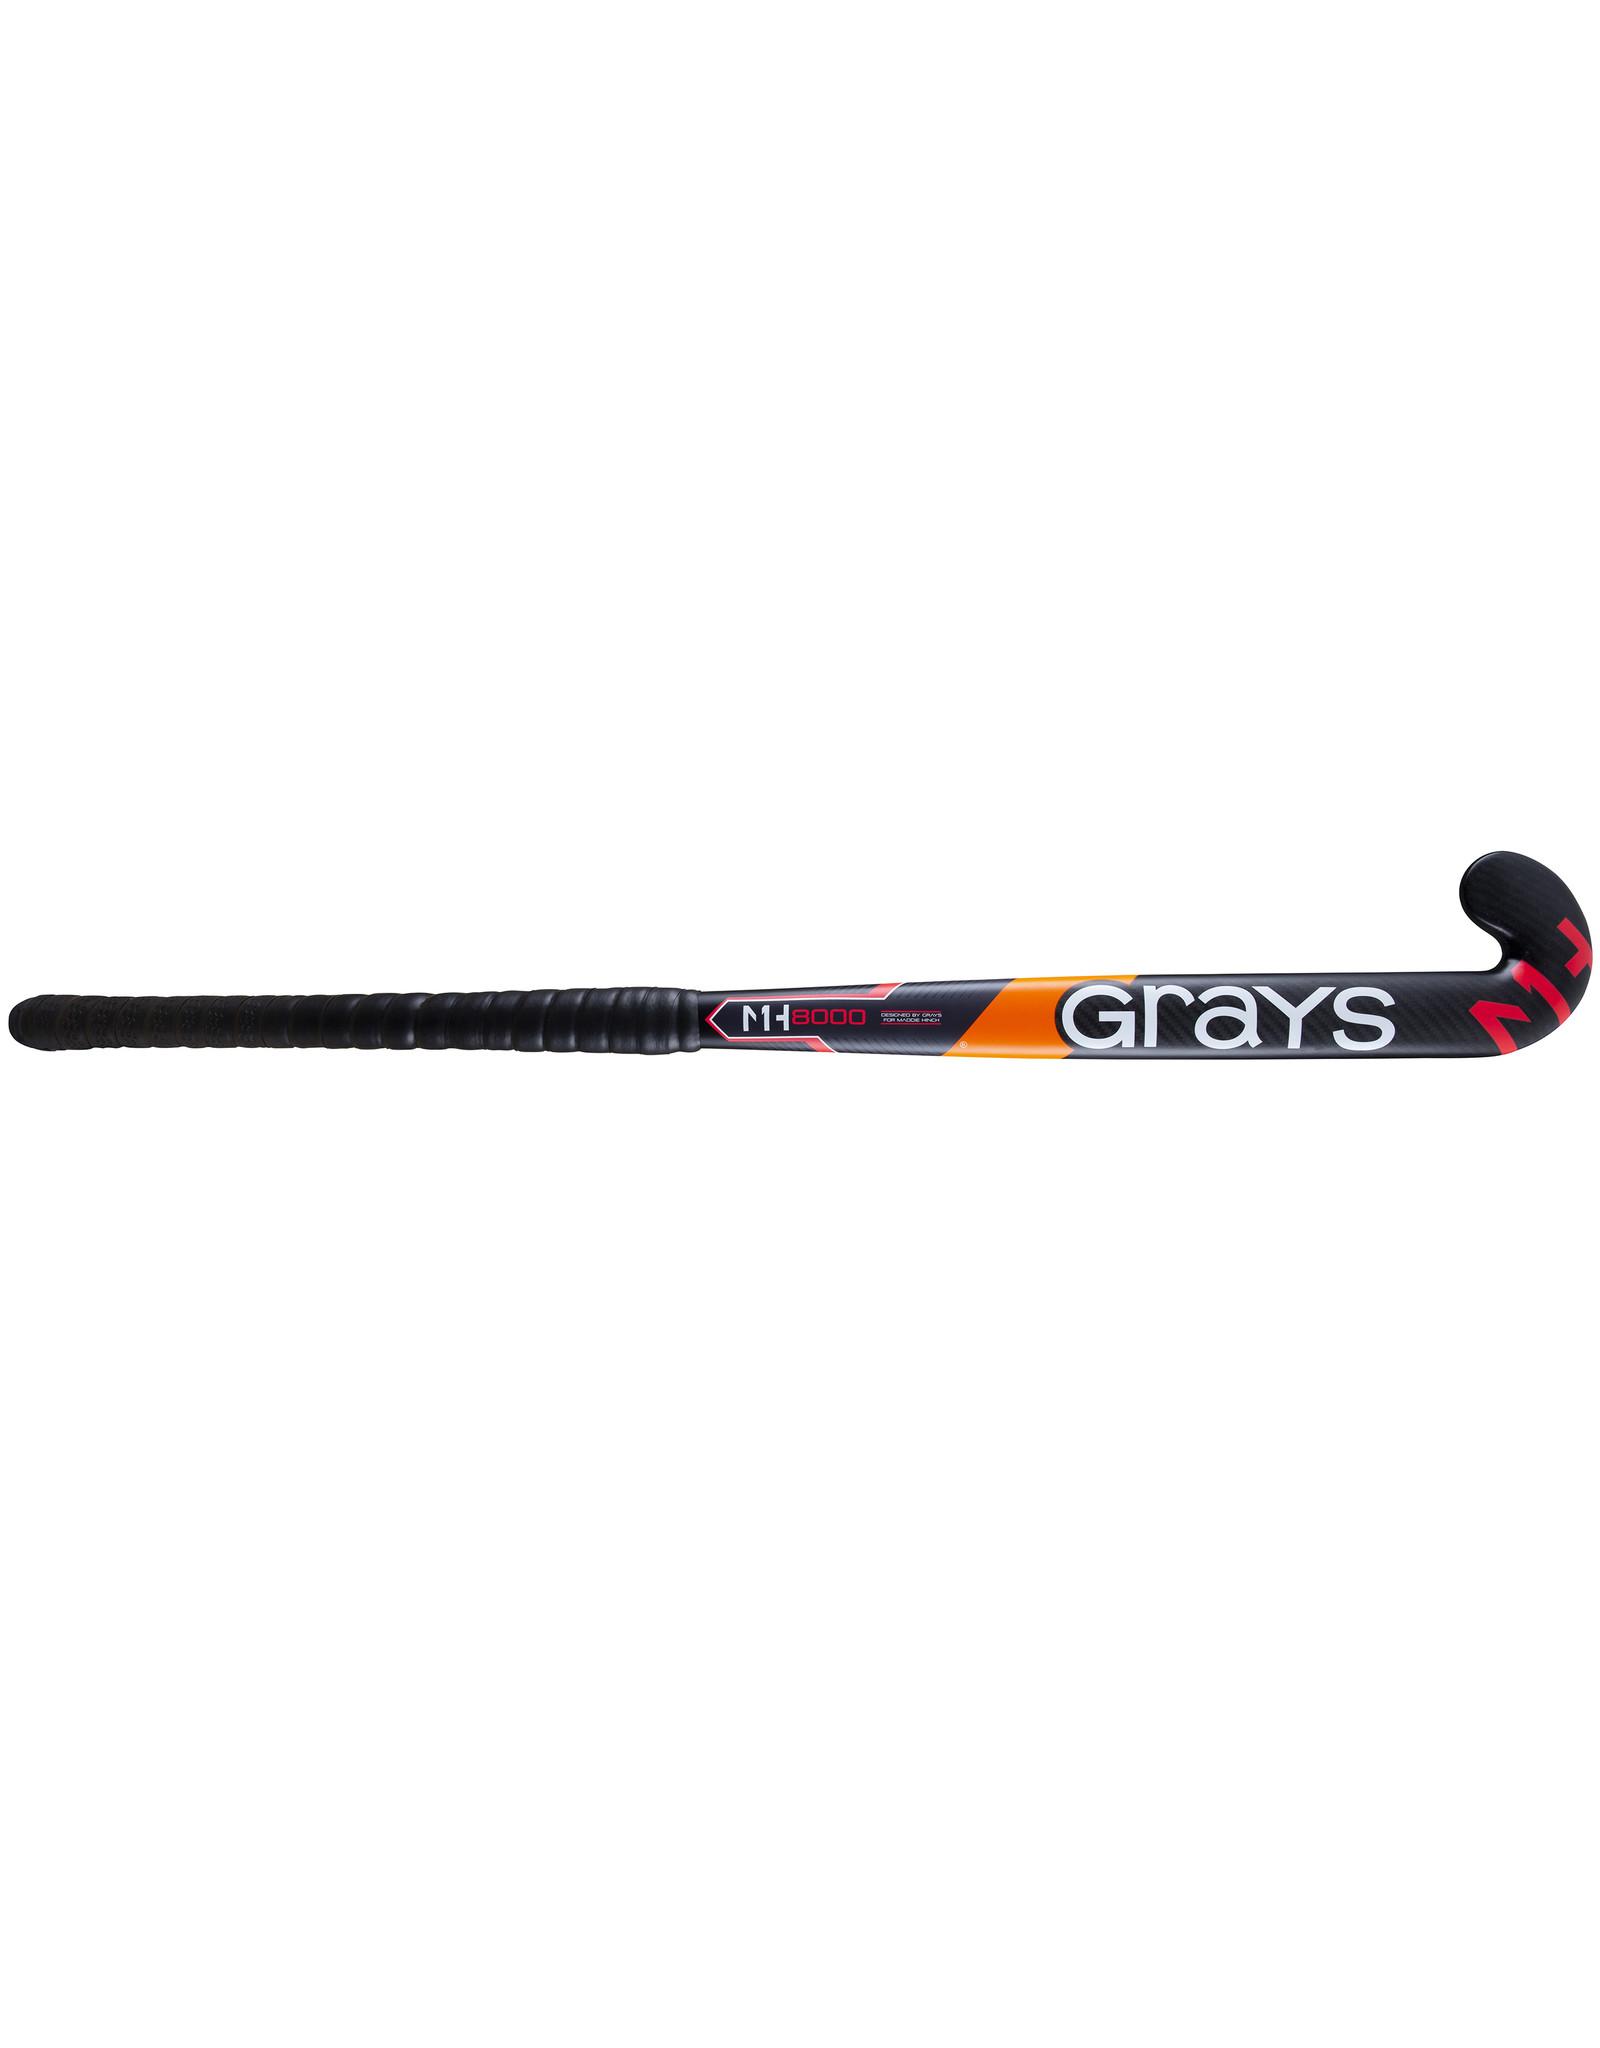 Grays STK MH1 UB GK8000 ZW/ZW